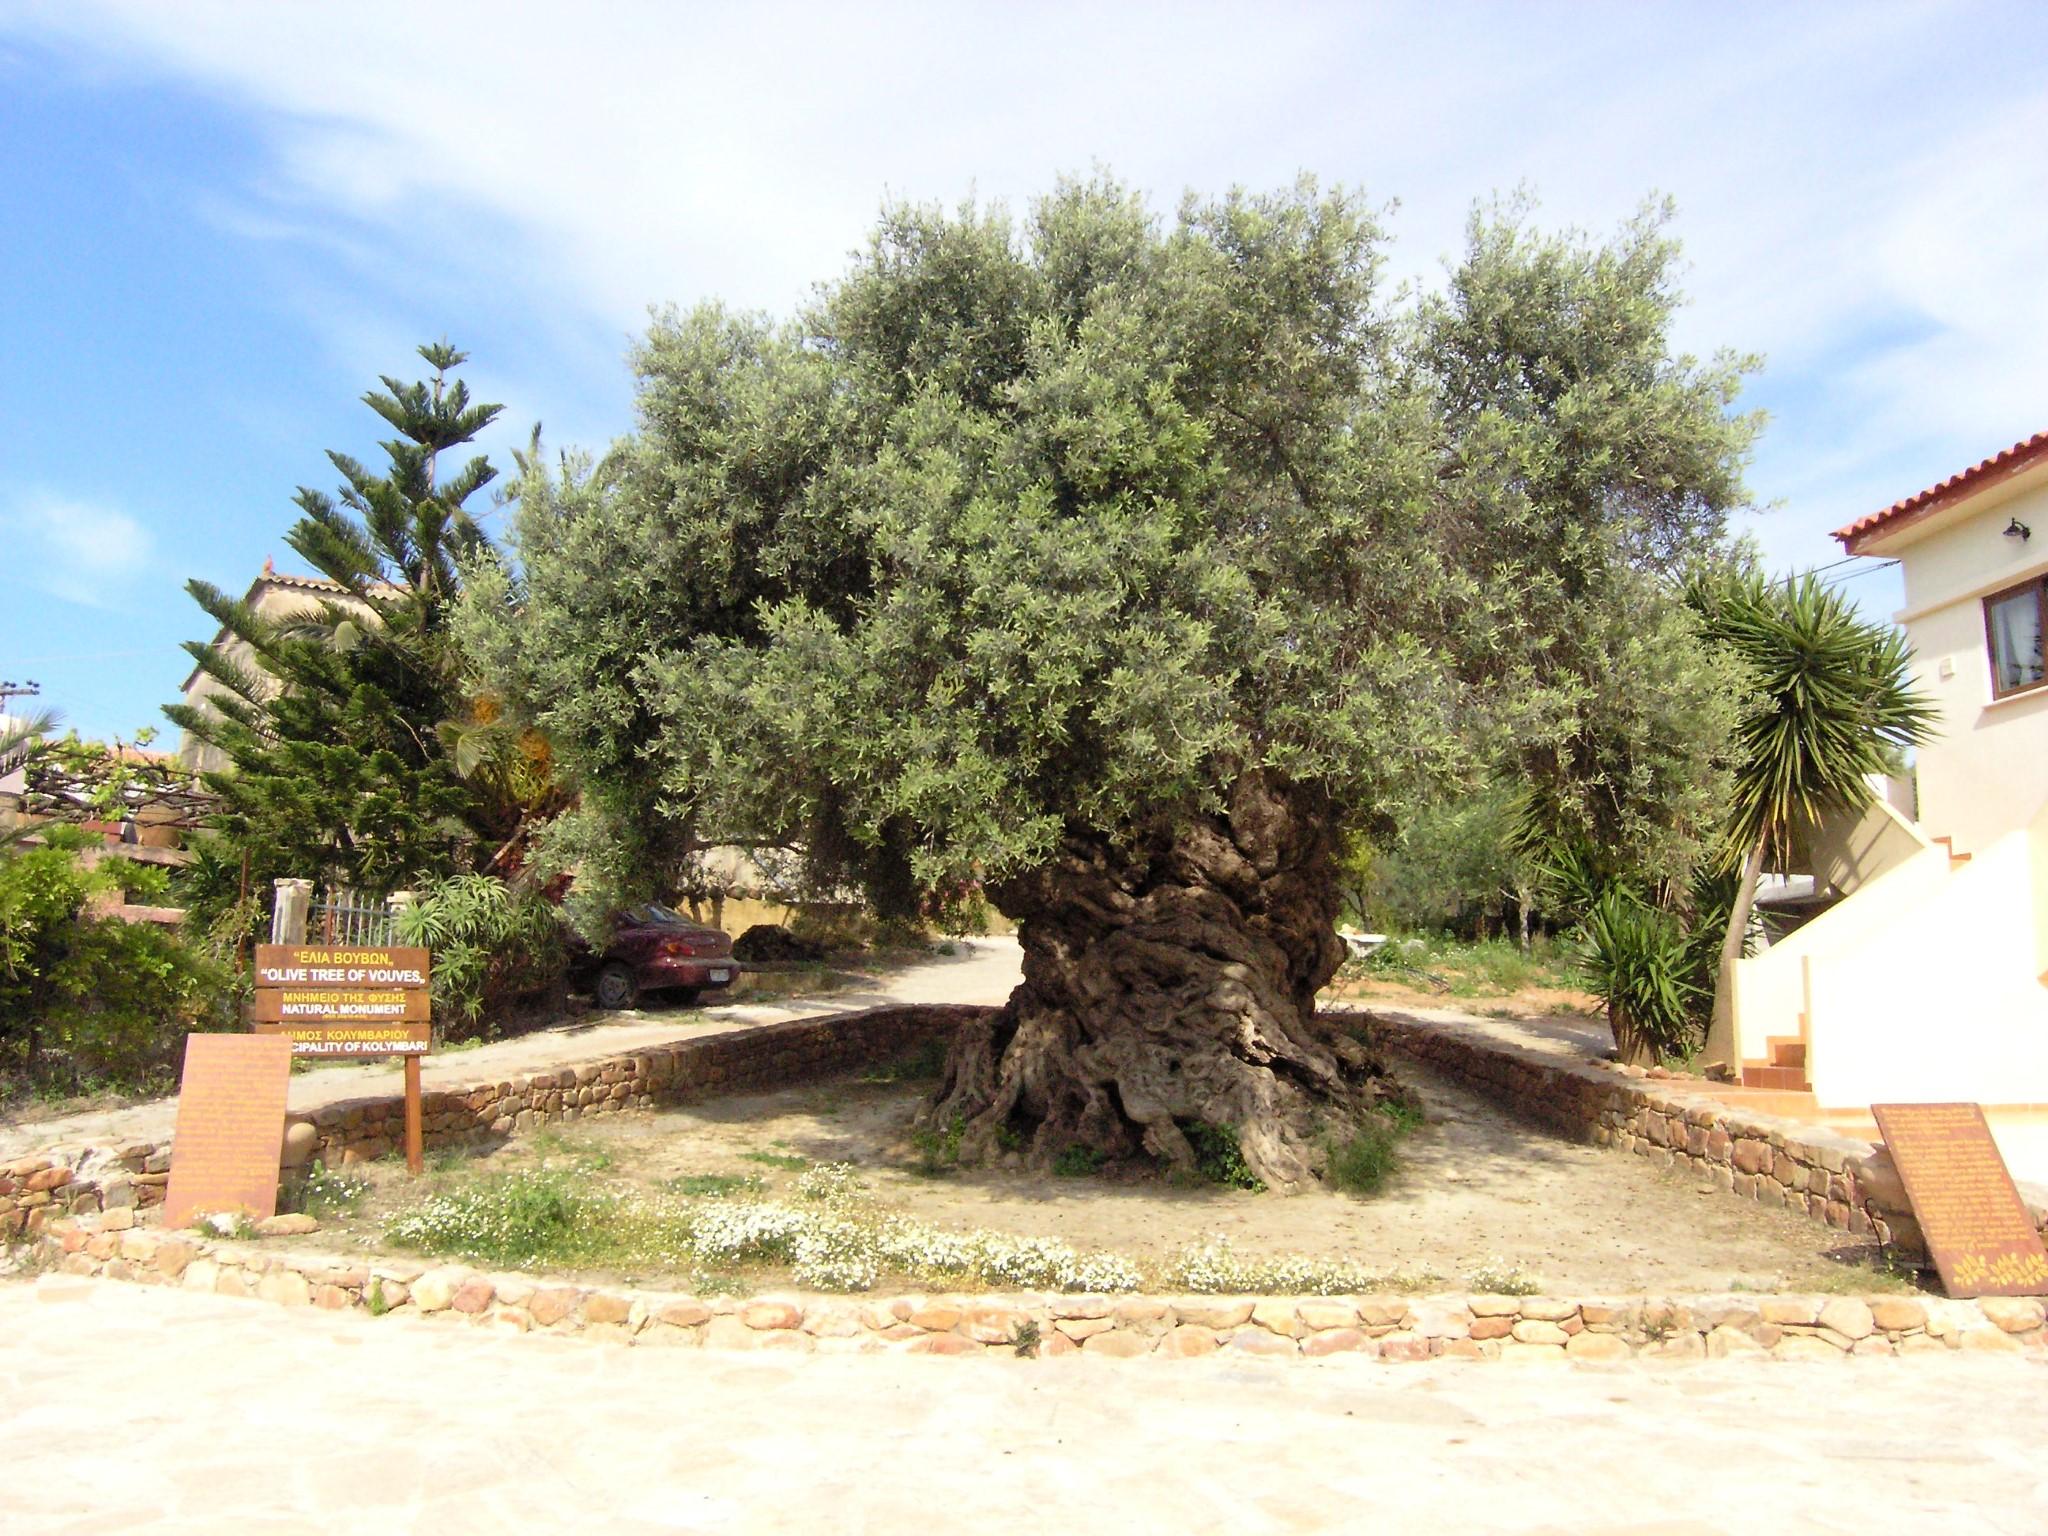 O Mαθουσάλας, ο Πρόεδρος και τα αρχαιότερα δέντρα του κόσμου